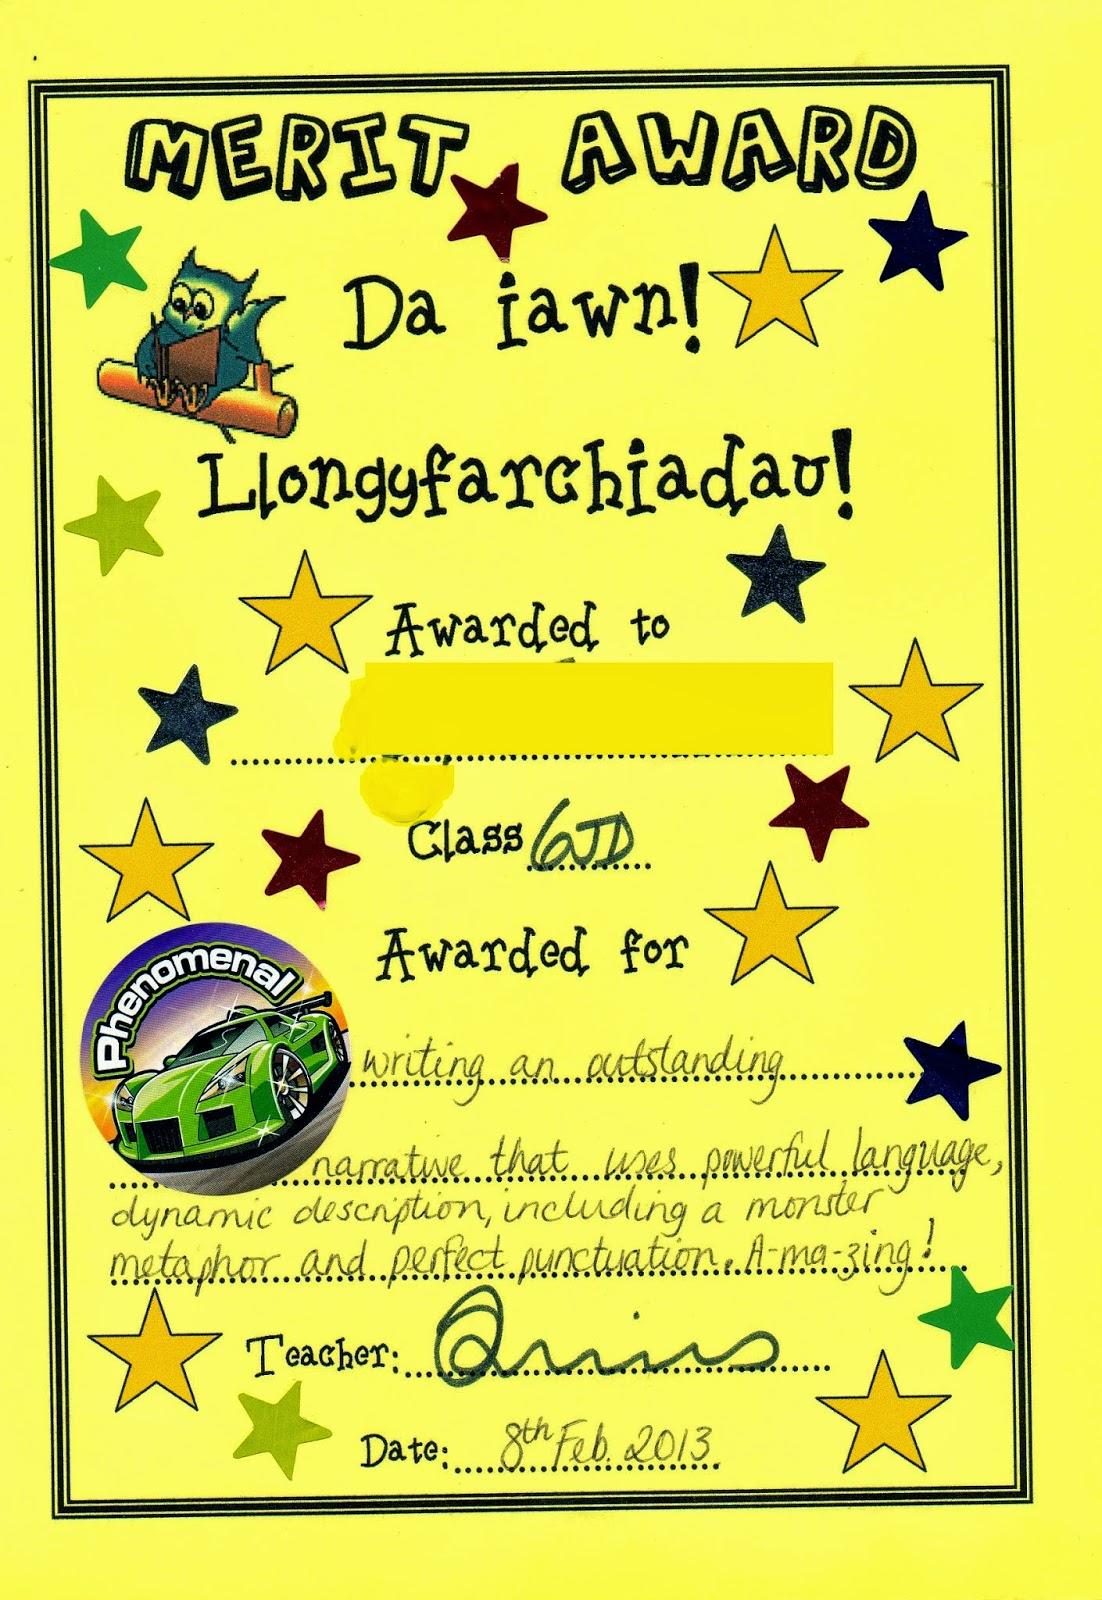 イギリスの学校 特別教育支援 英語の作文でもらった優秀賞